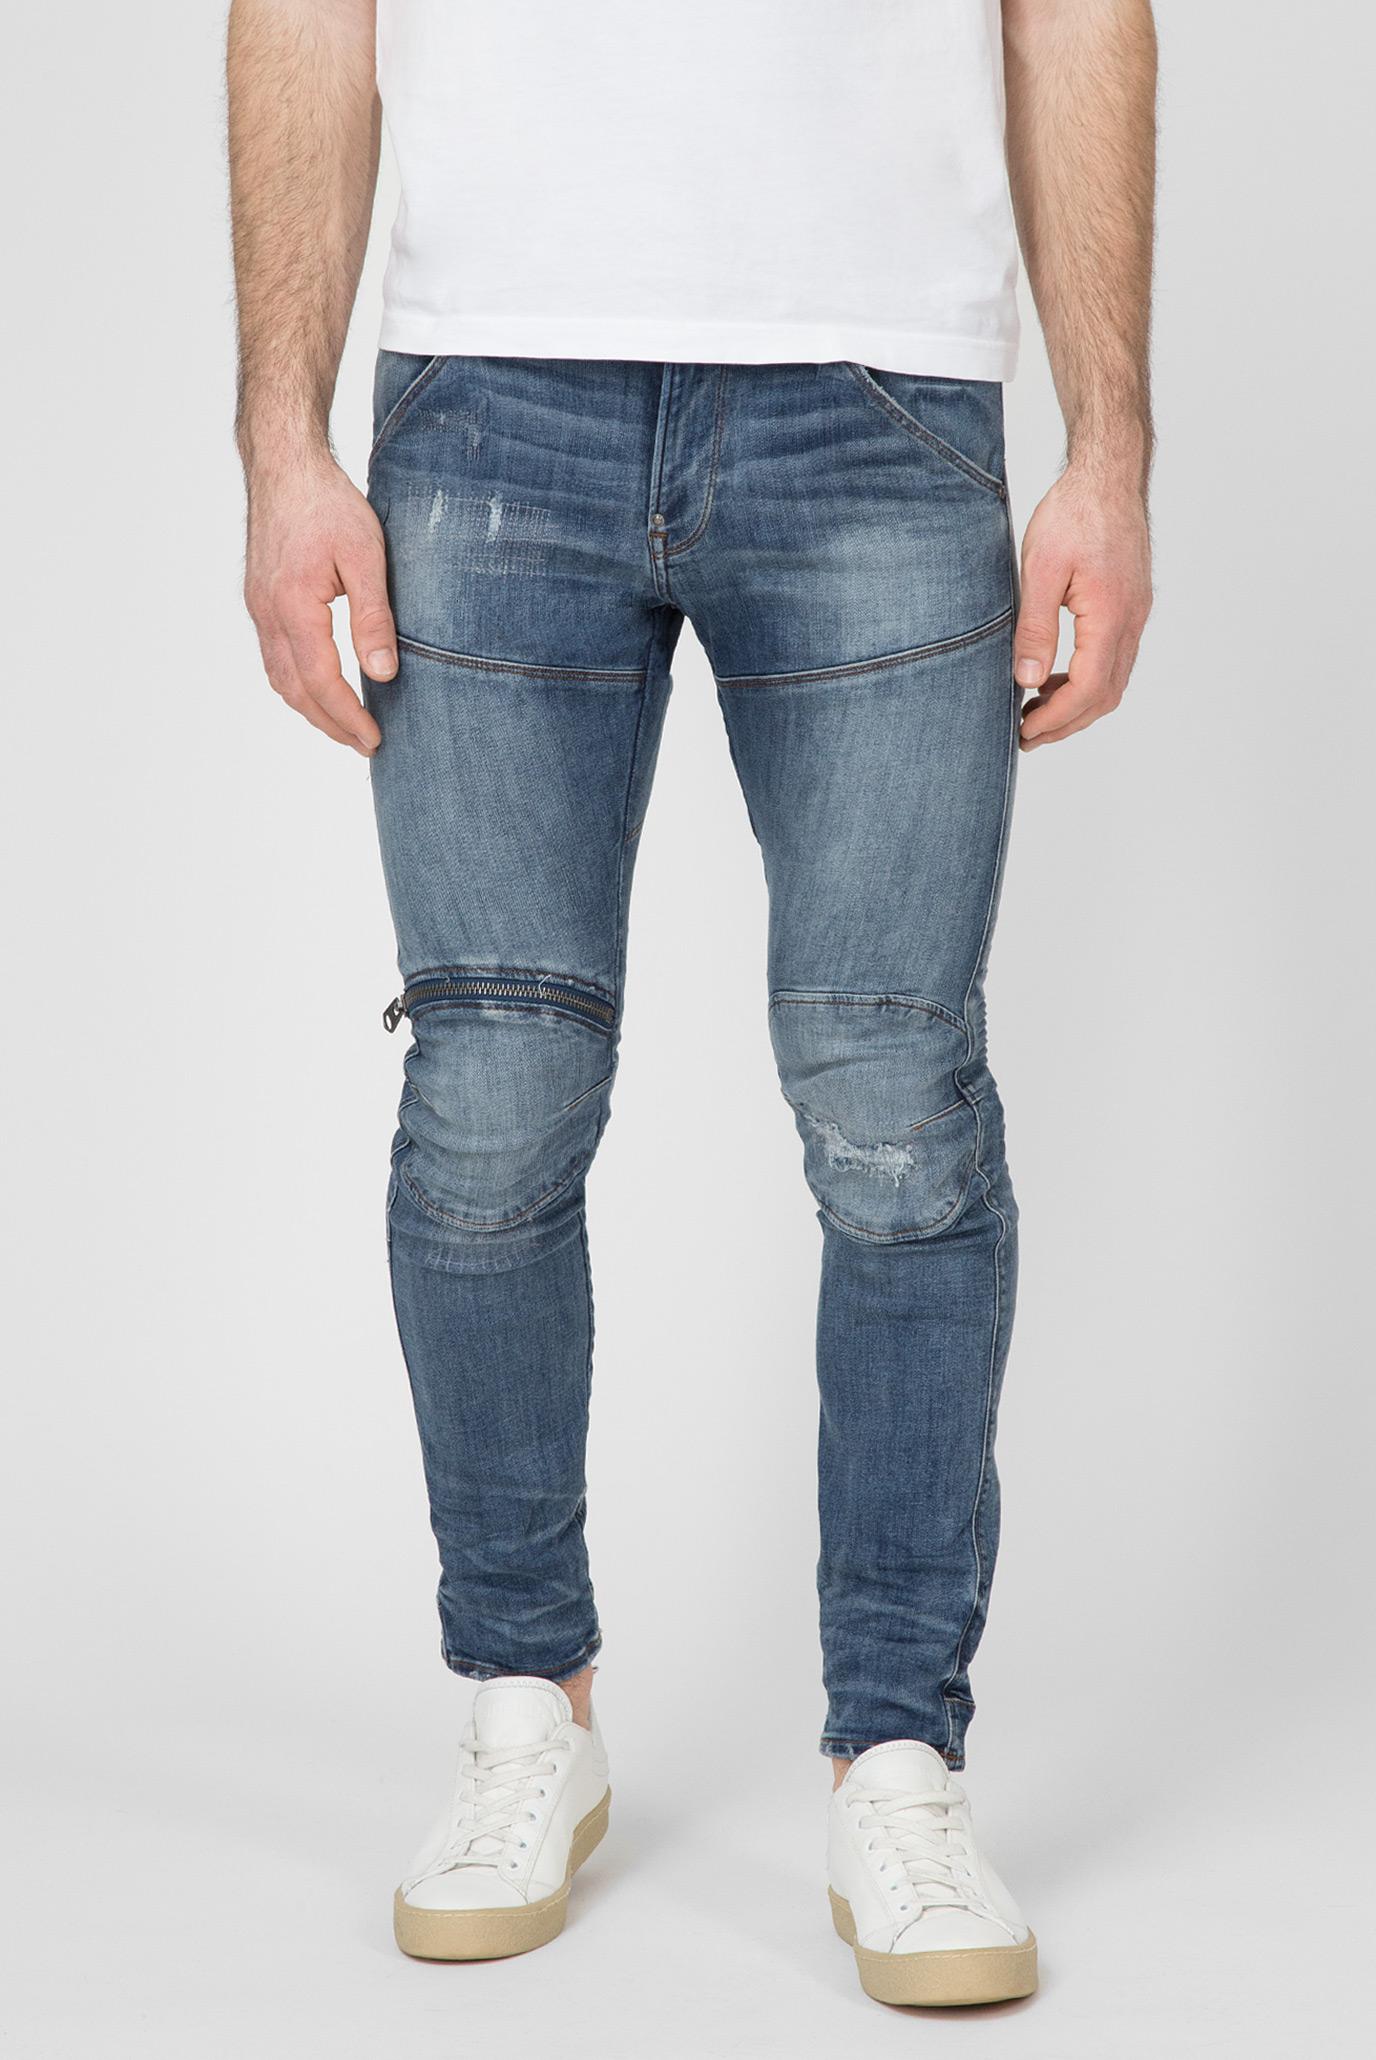 Купить Мужские синие джинсы 5620 G-Star RAW G-Star RAW D01252,8968 – Киев, Украина. Цены в интернет магазине MD Fashion